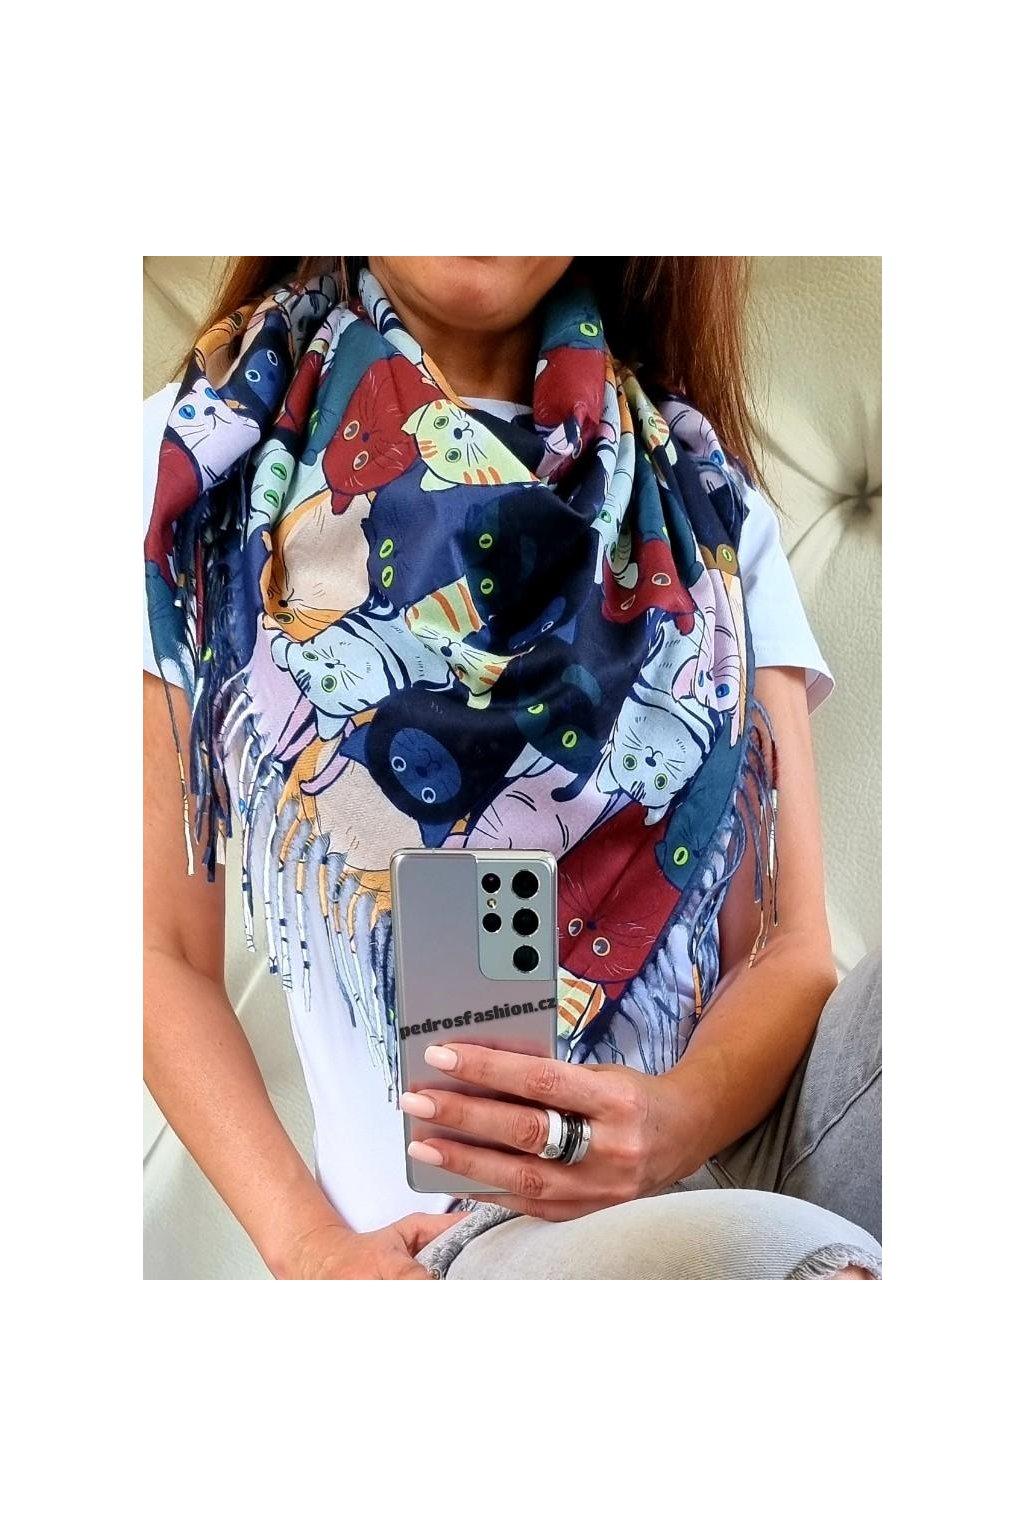 šátek kočka modrý trendy šátek kašmír